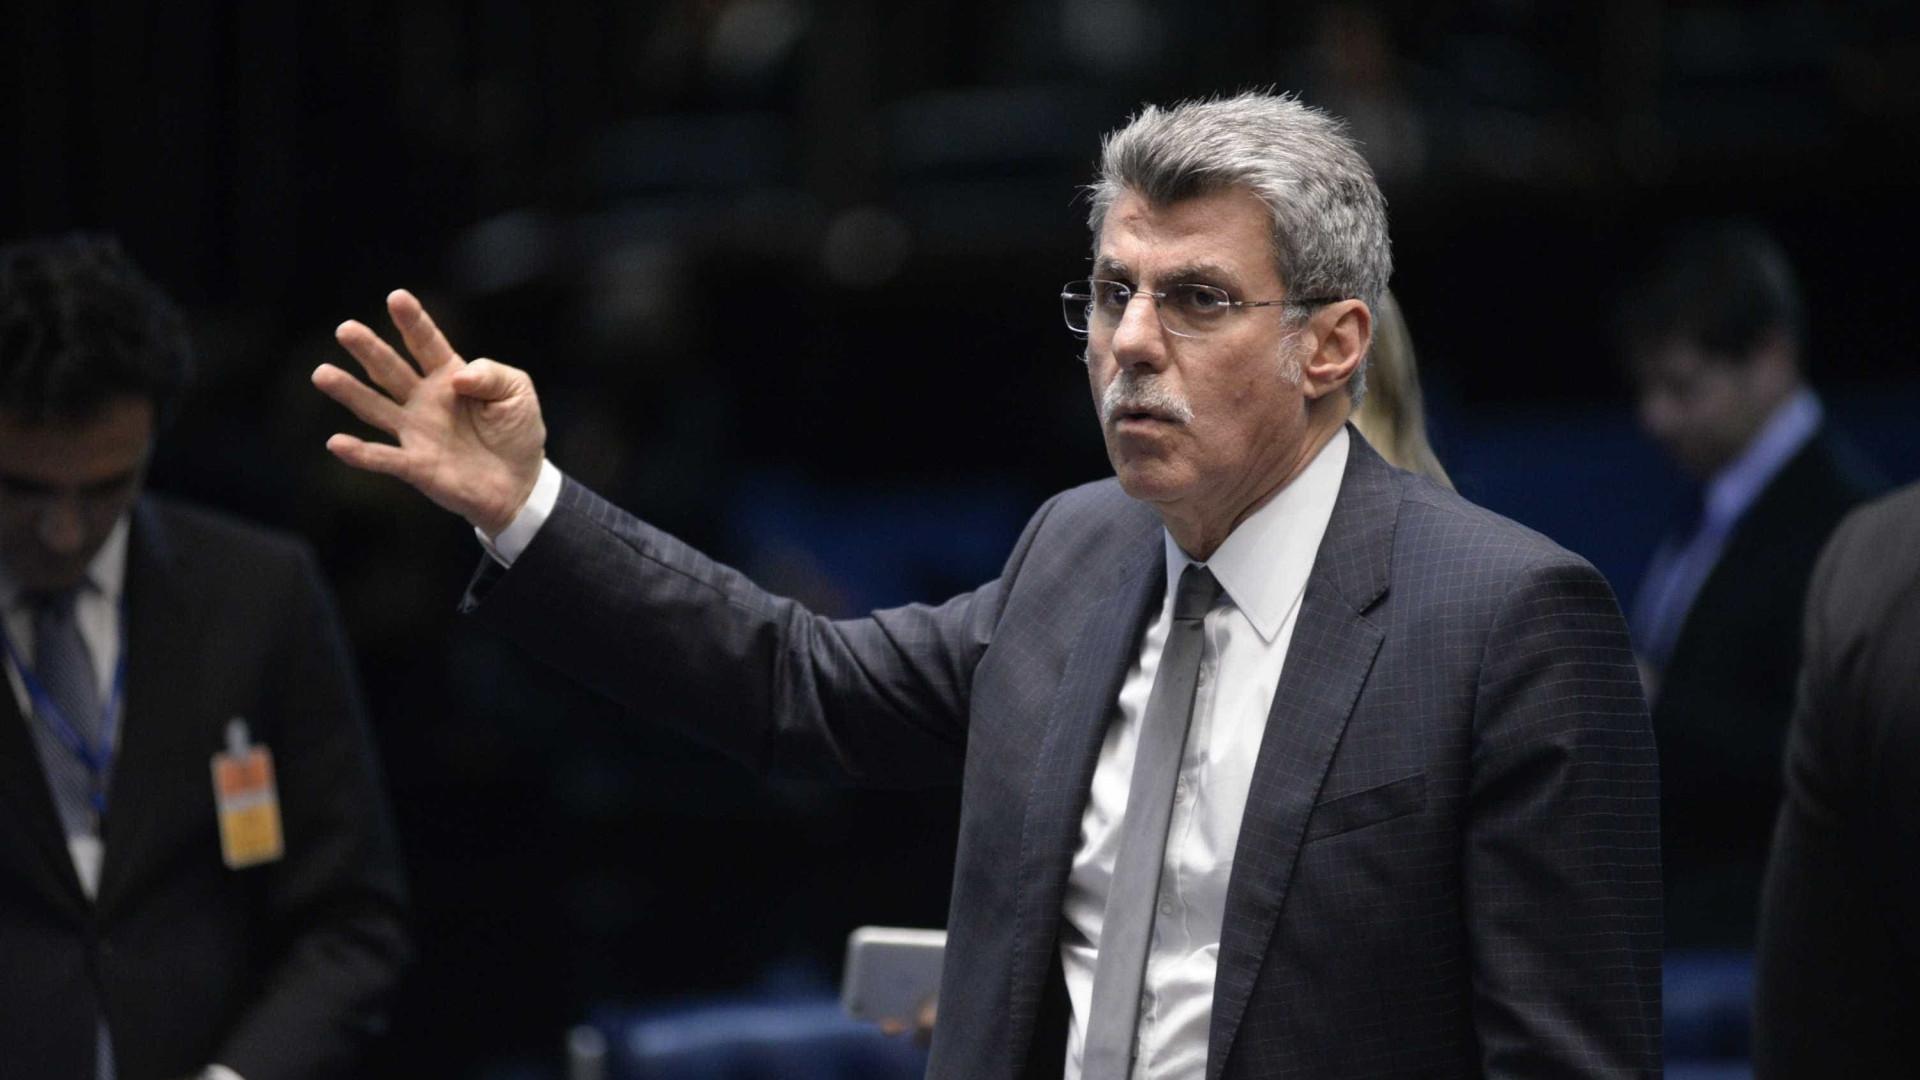 Derrota é culpa da Lava Jato, MP, imprensa e venezuelanos, diz Jucá